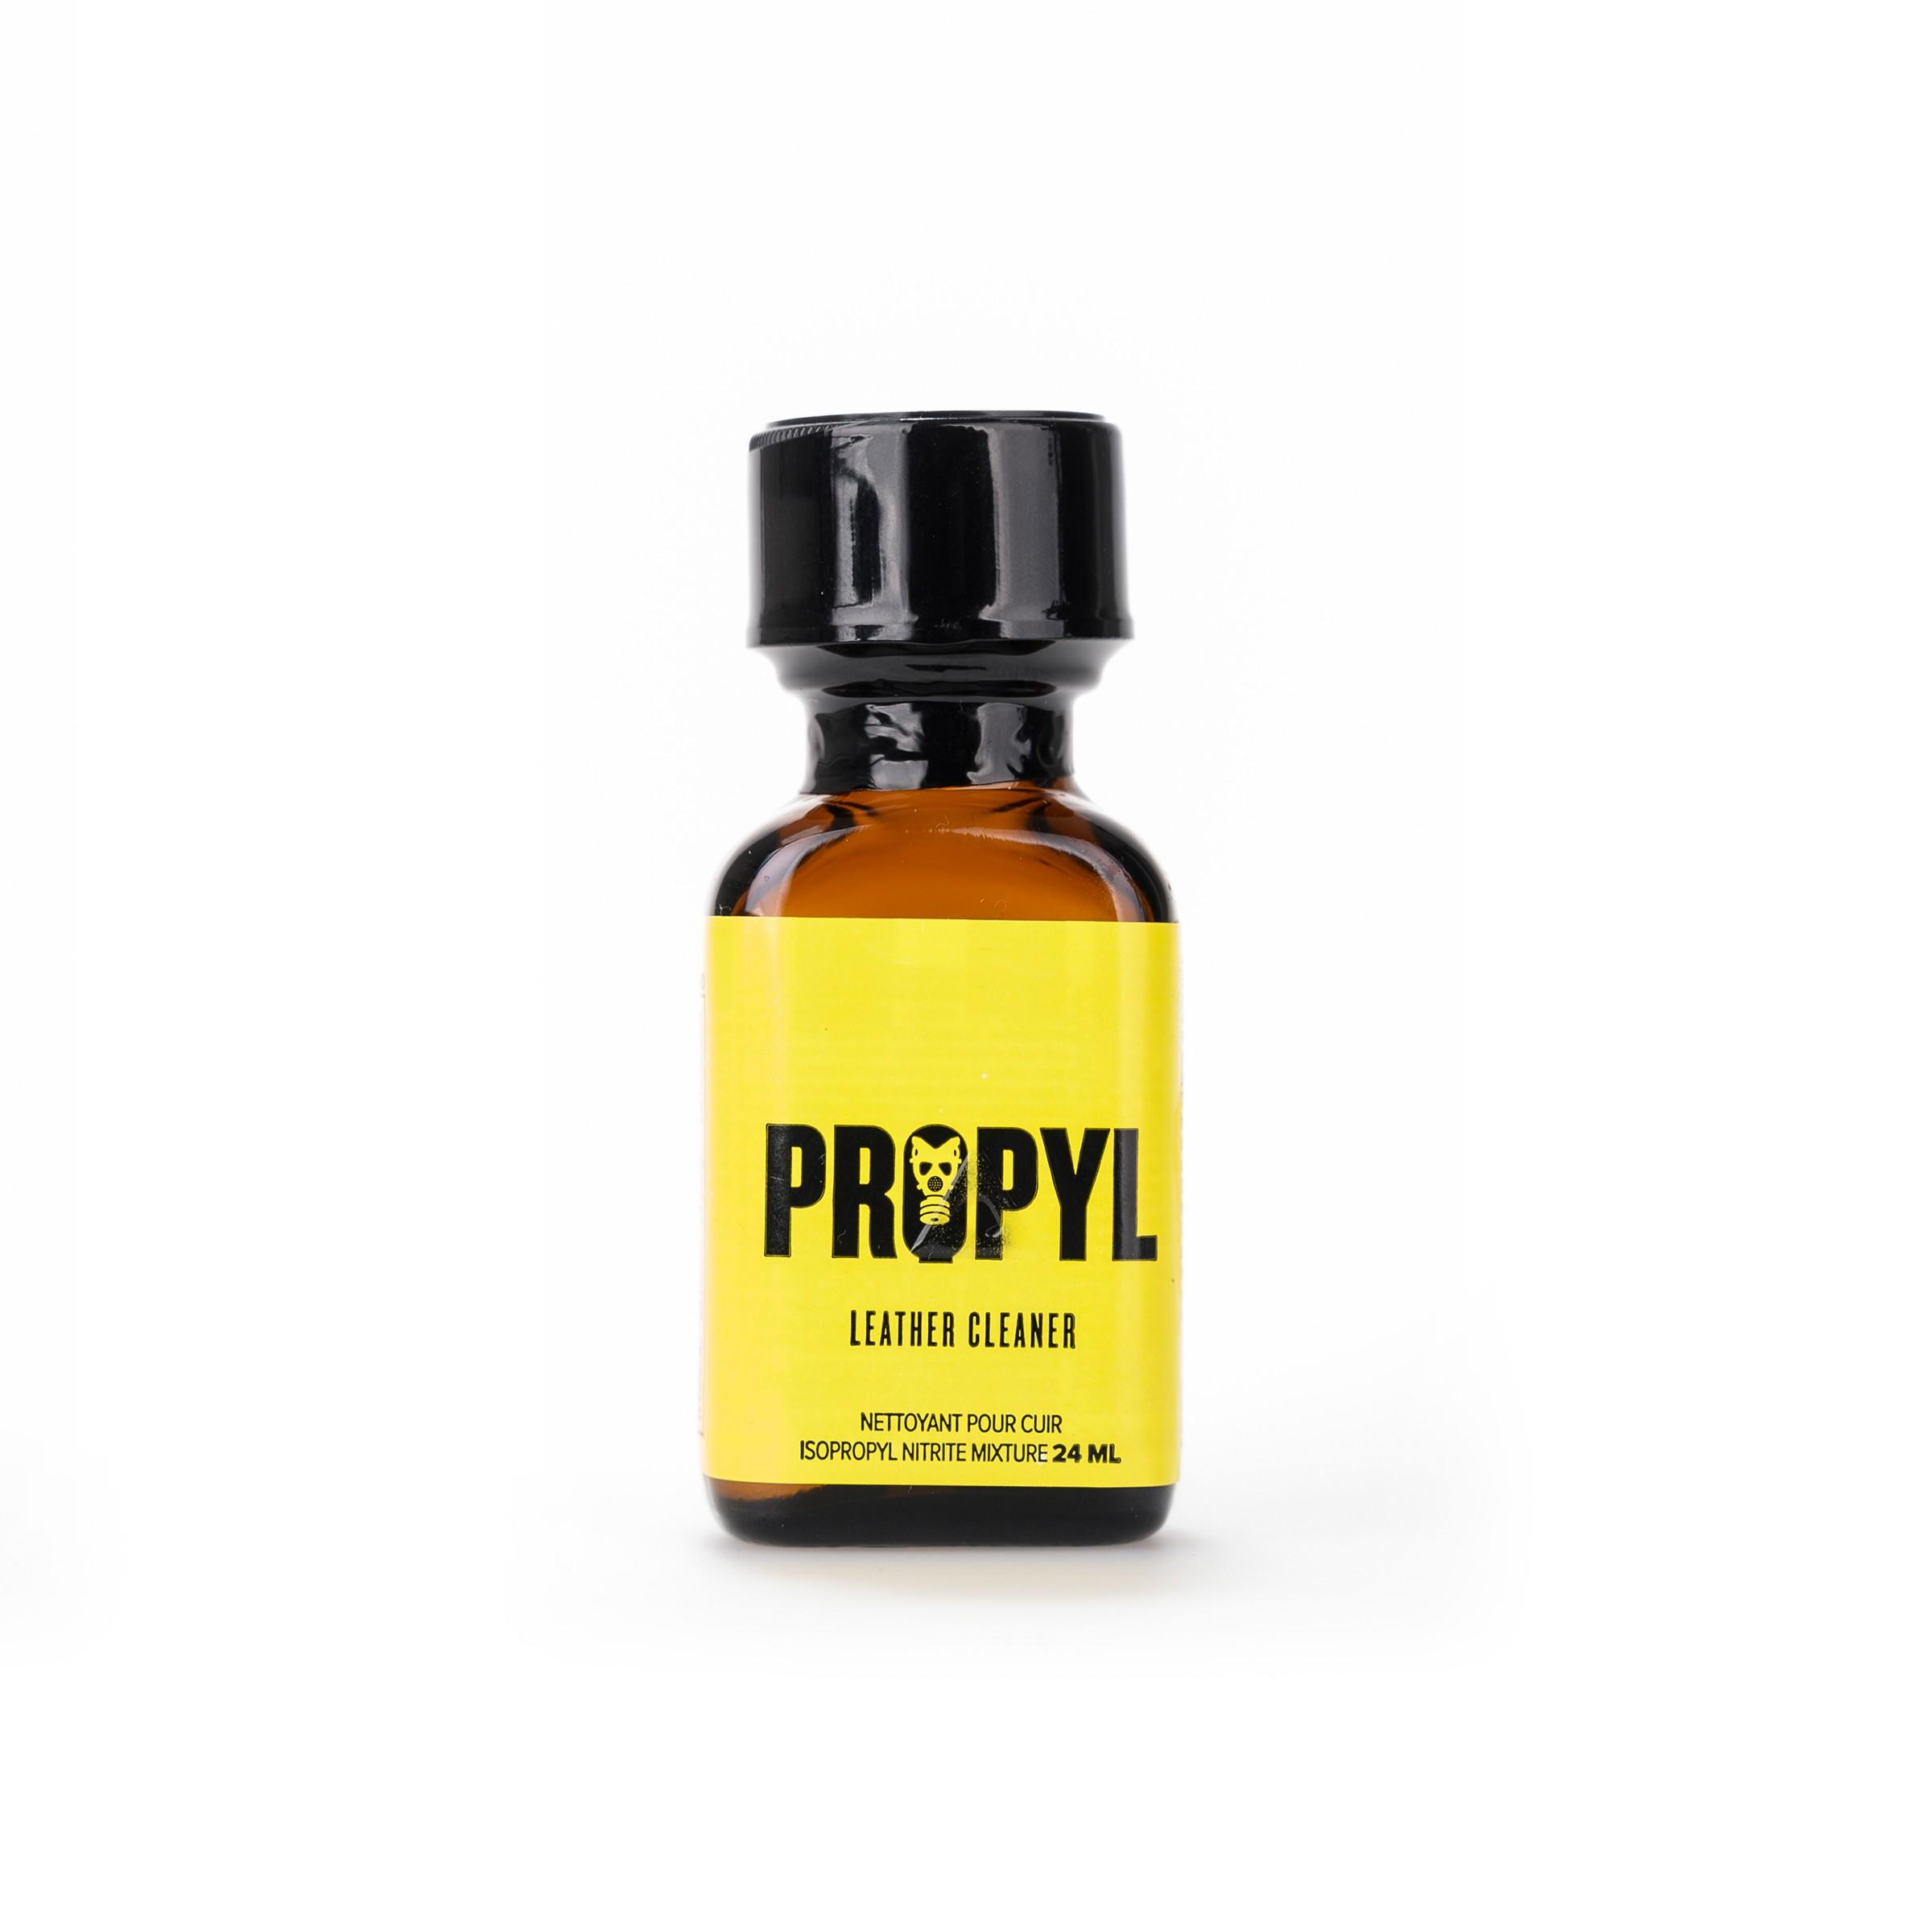 Propyl